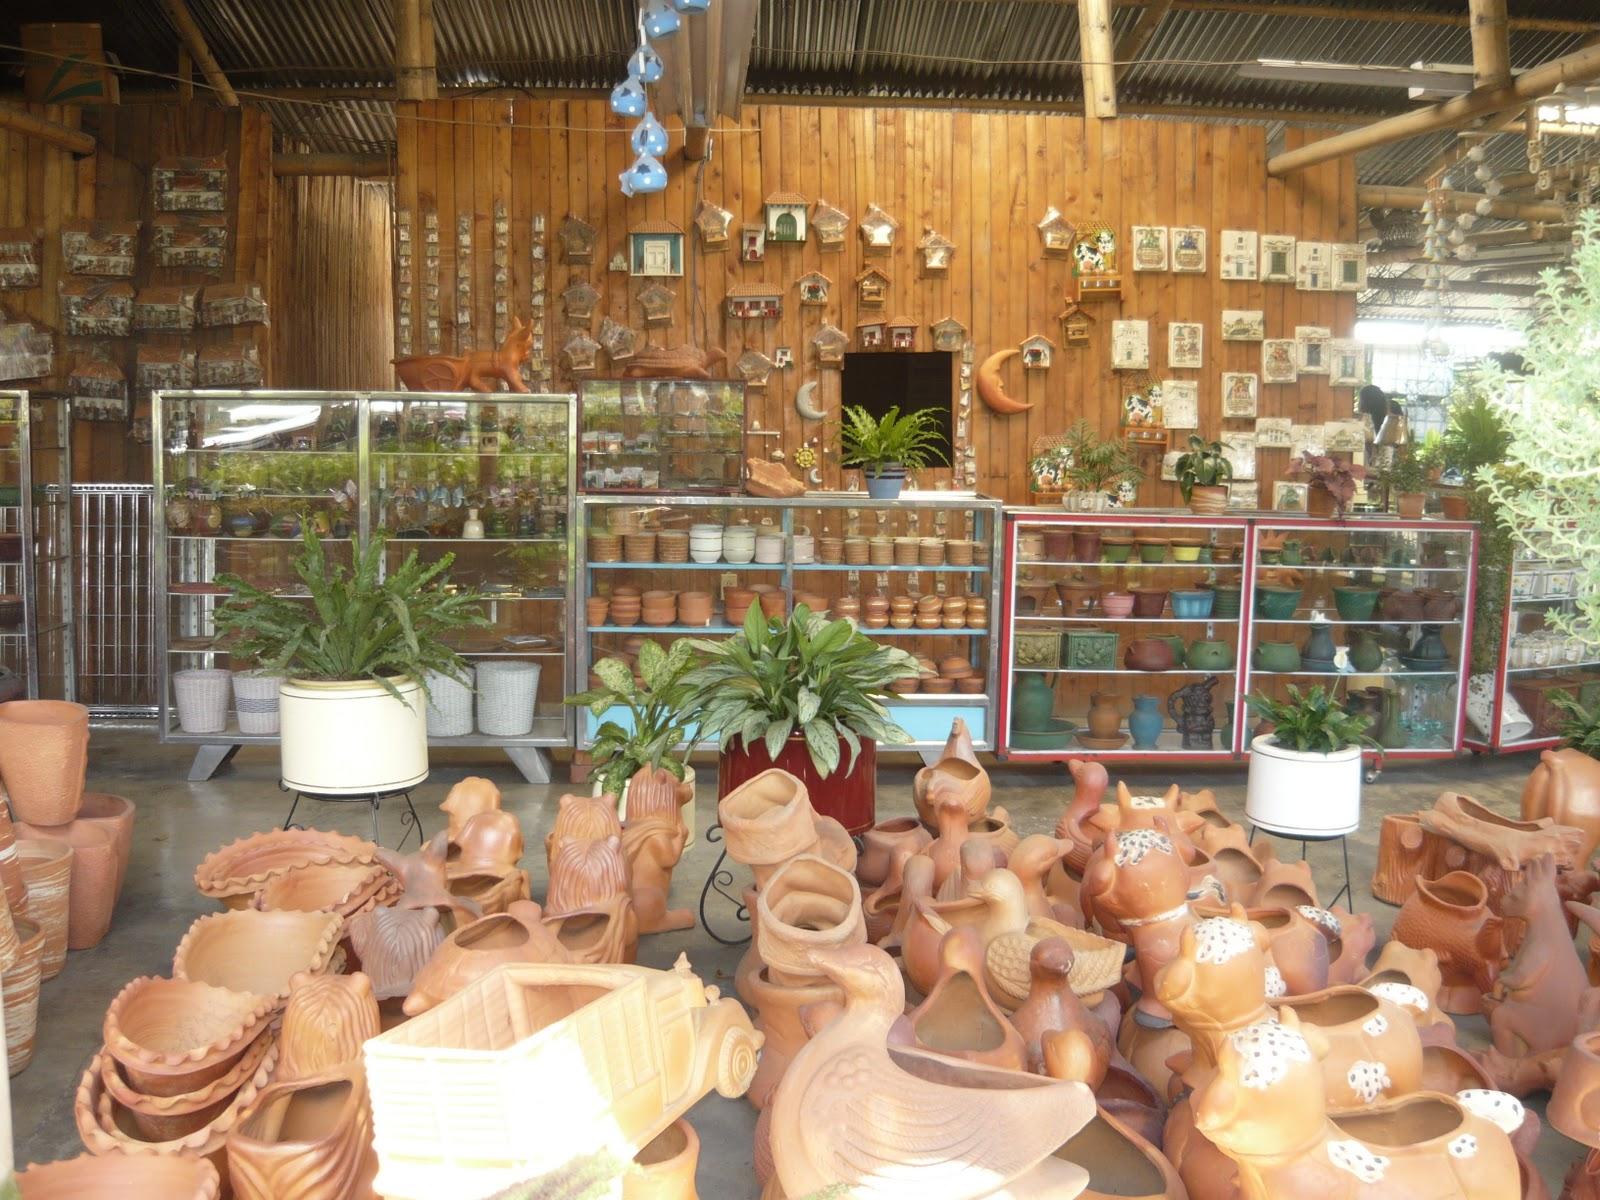 Vivero centro artesanal de colombia for Viveros en colombia